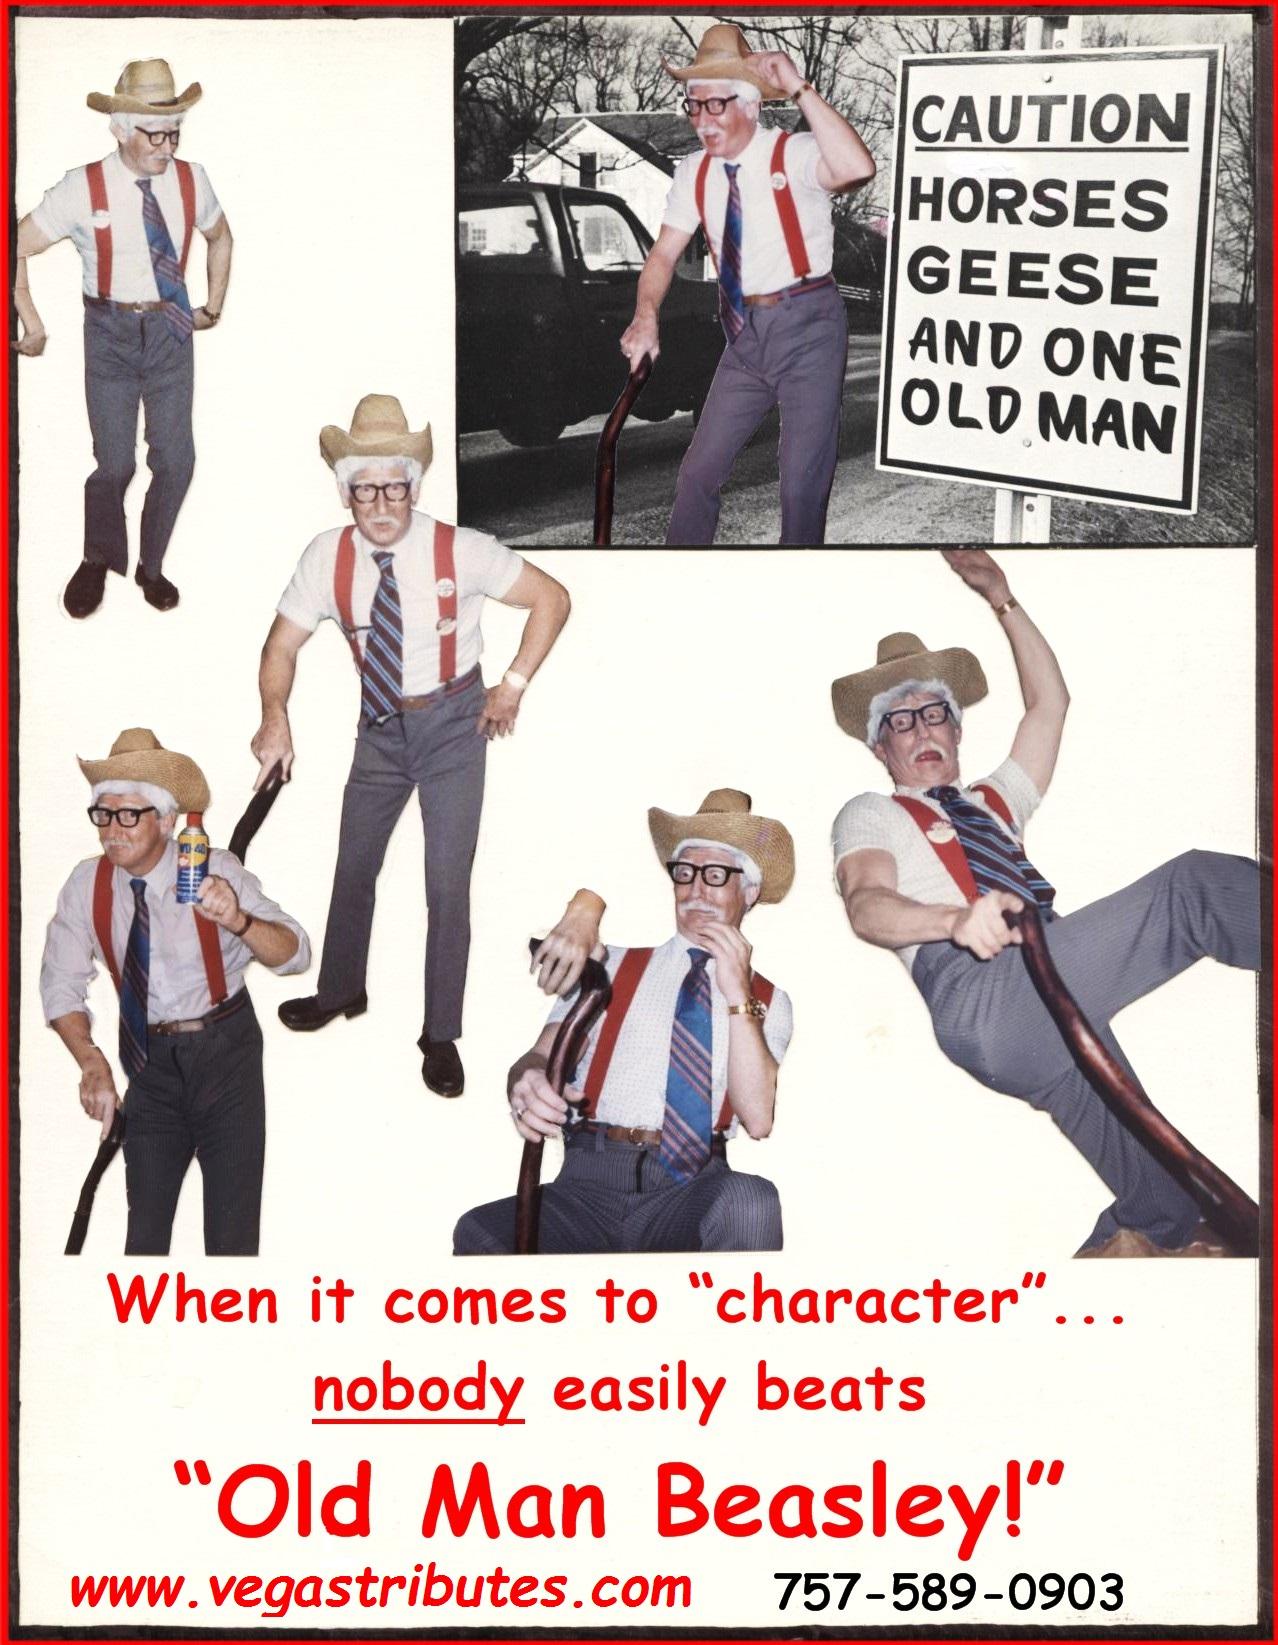 Vegas Tributes | Old Man Beasley